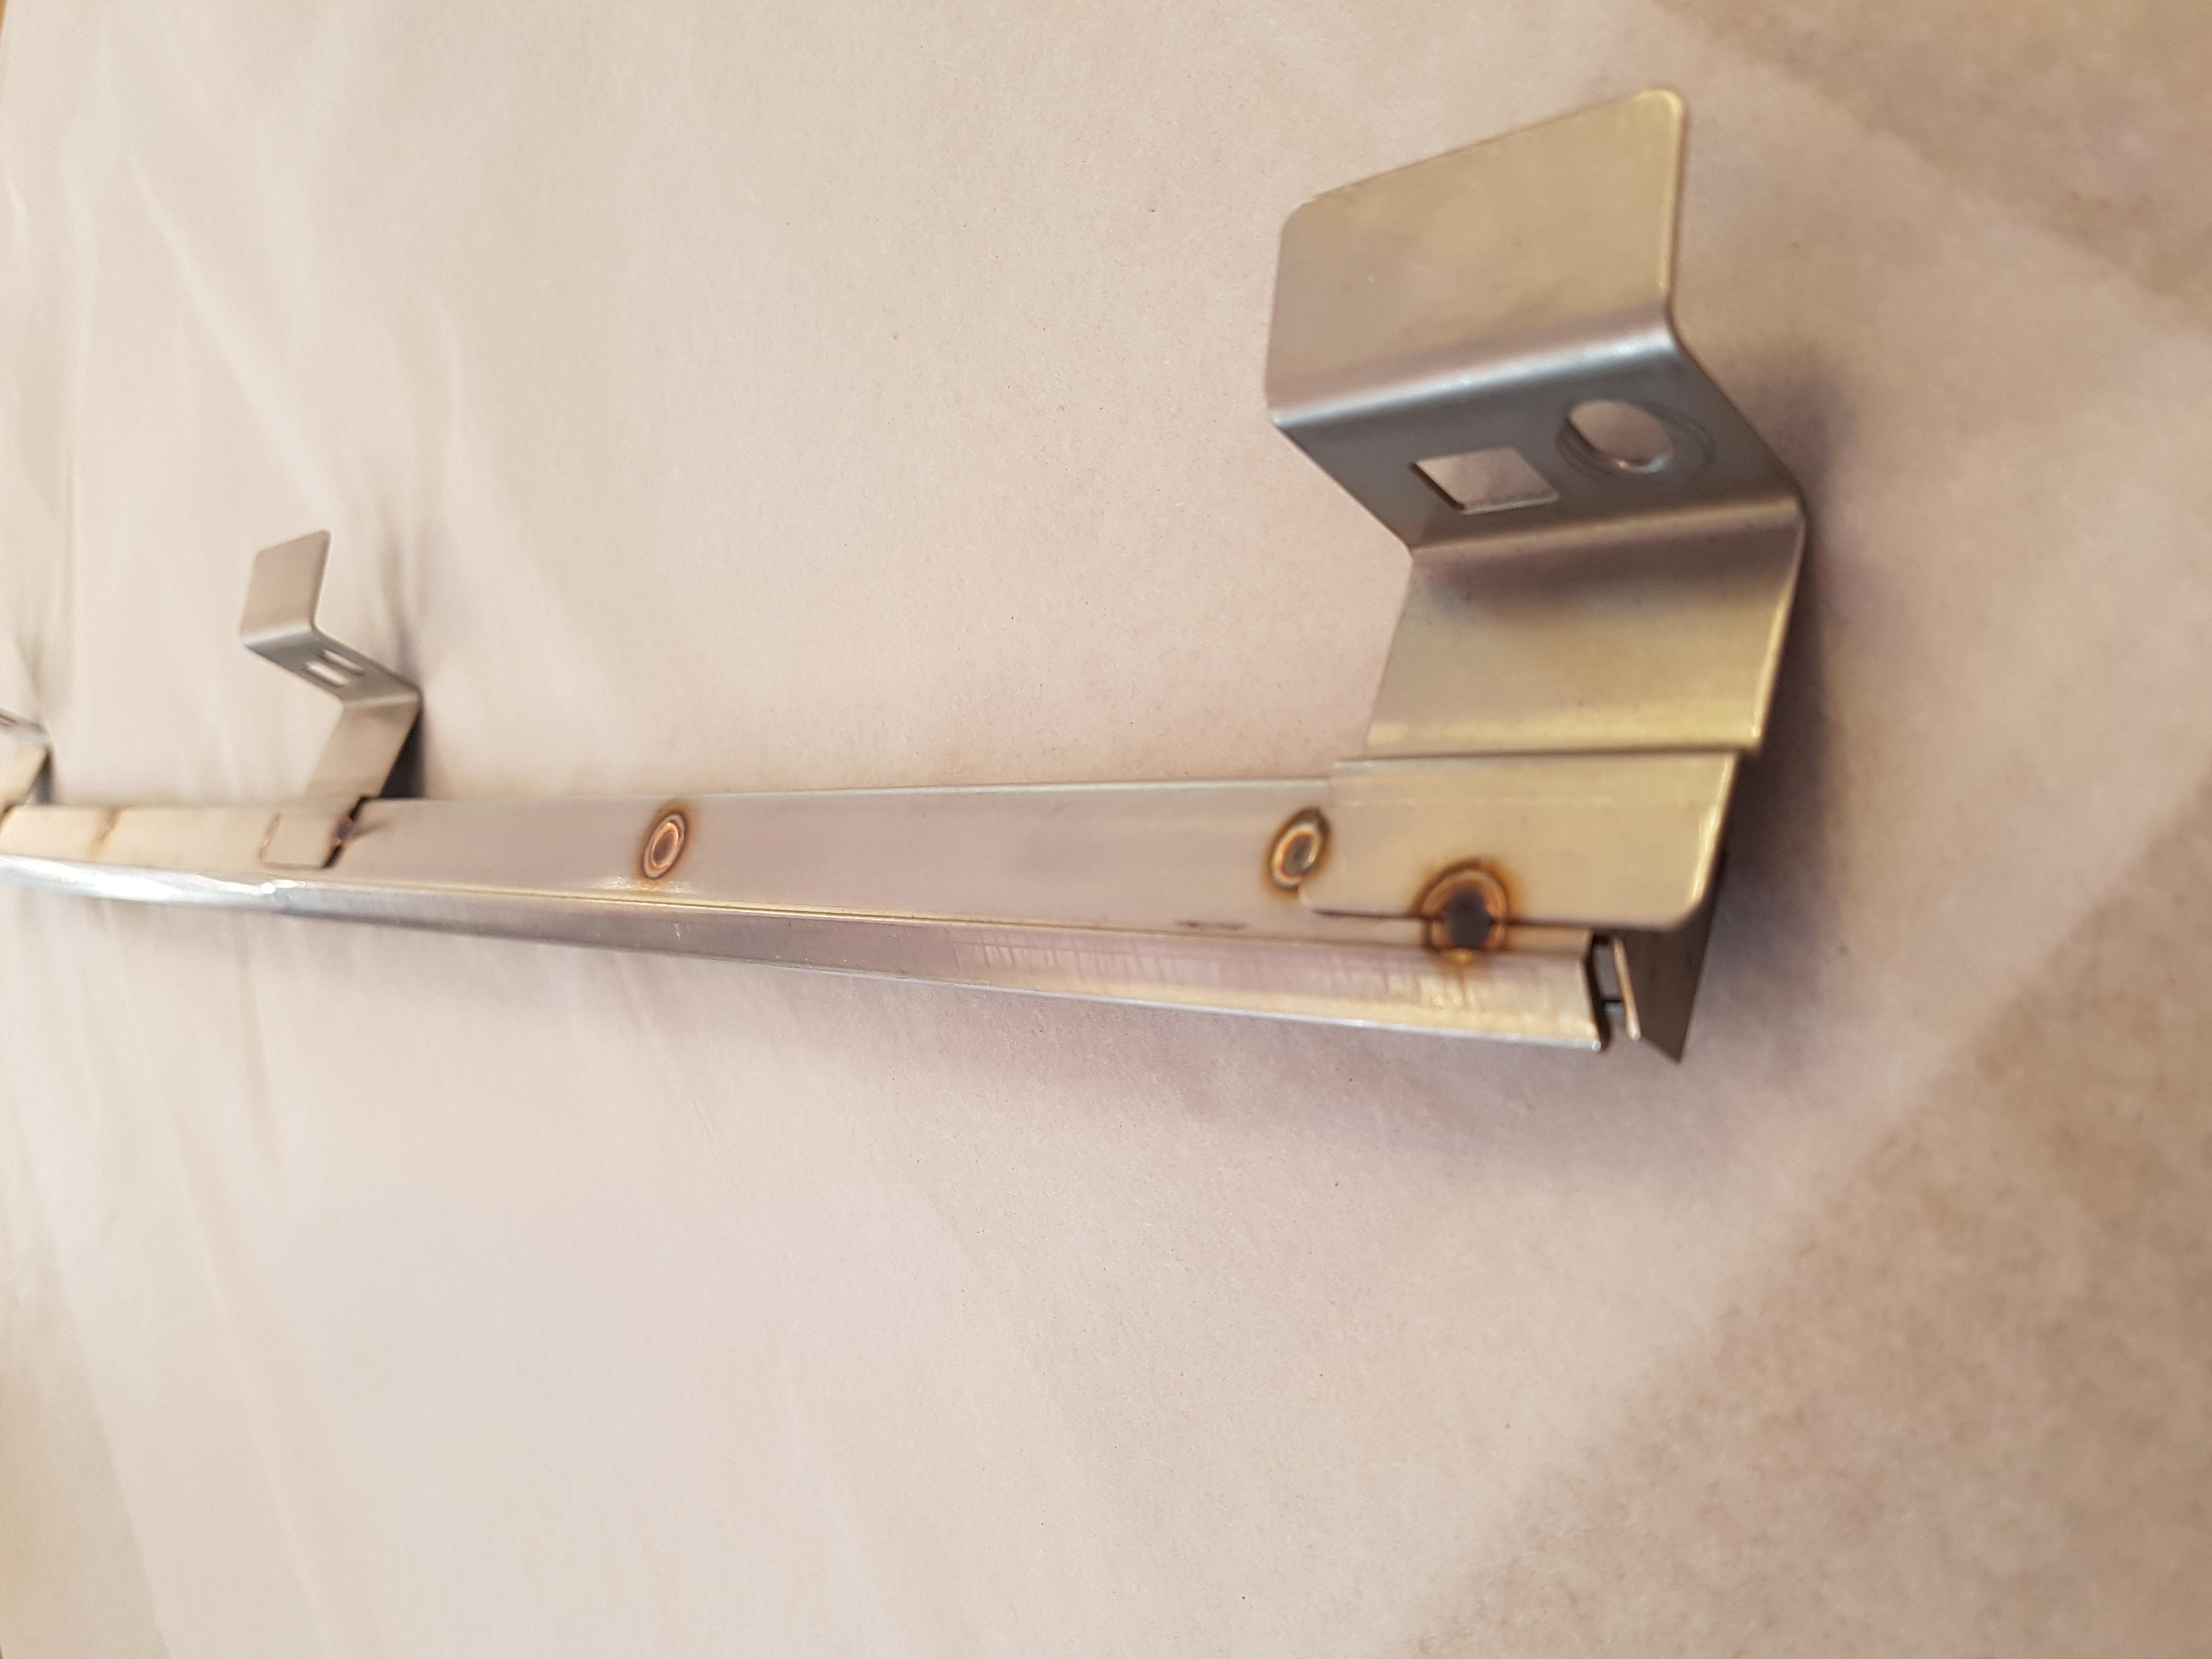 CROSSOVER-Rohr, Genesis II-Serie 2 Brenner